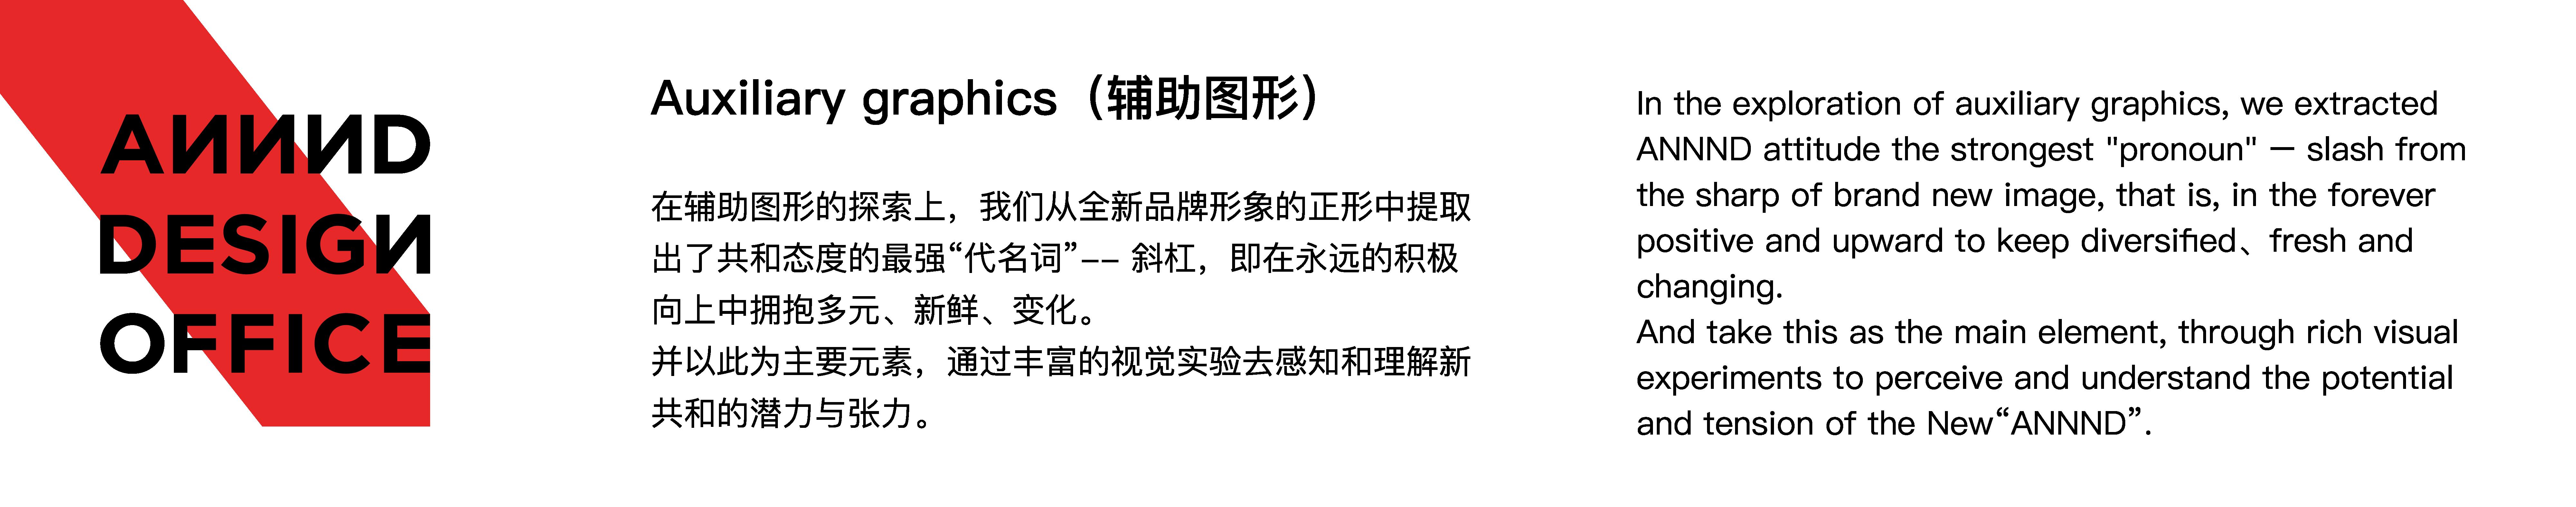 辅助图形文字介绍-16